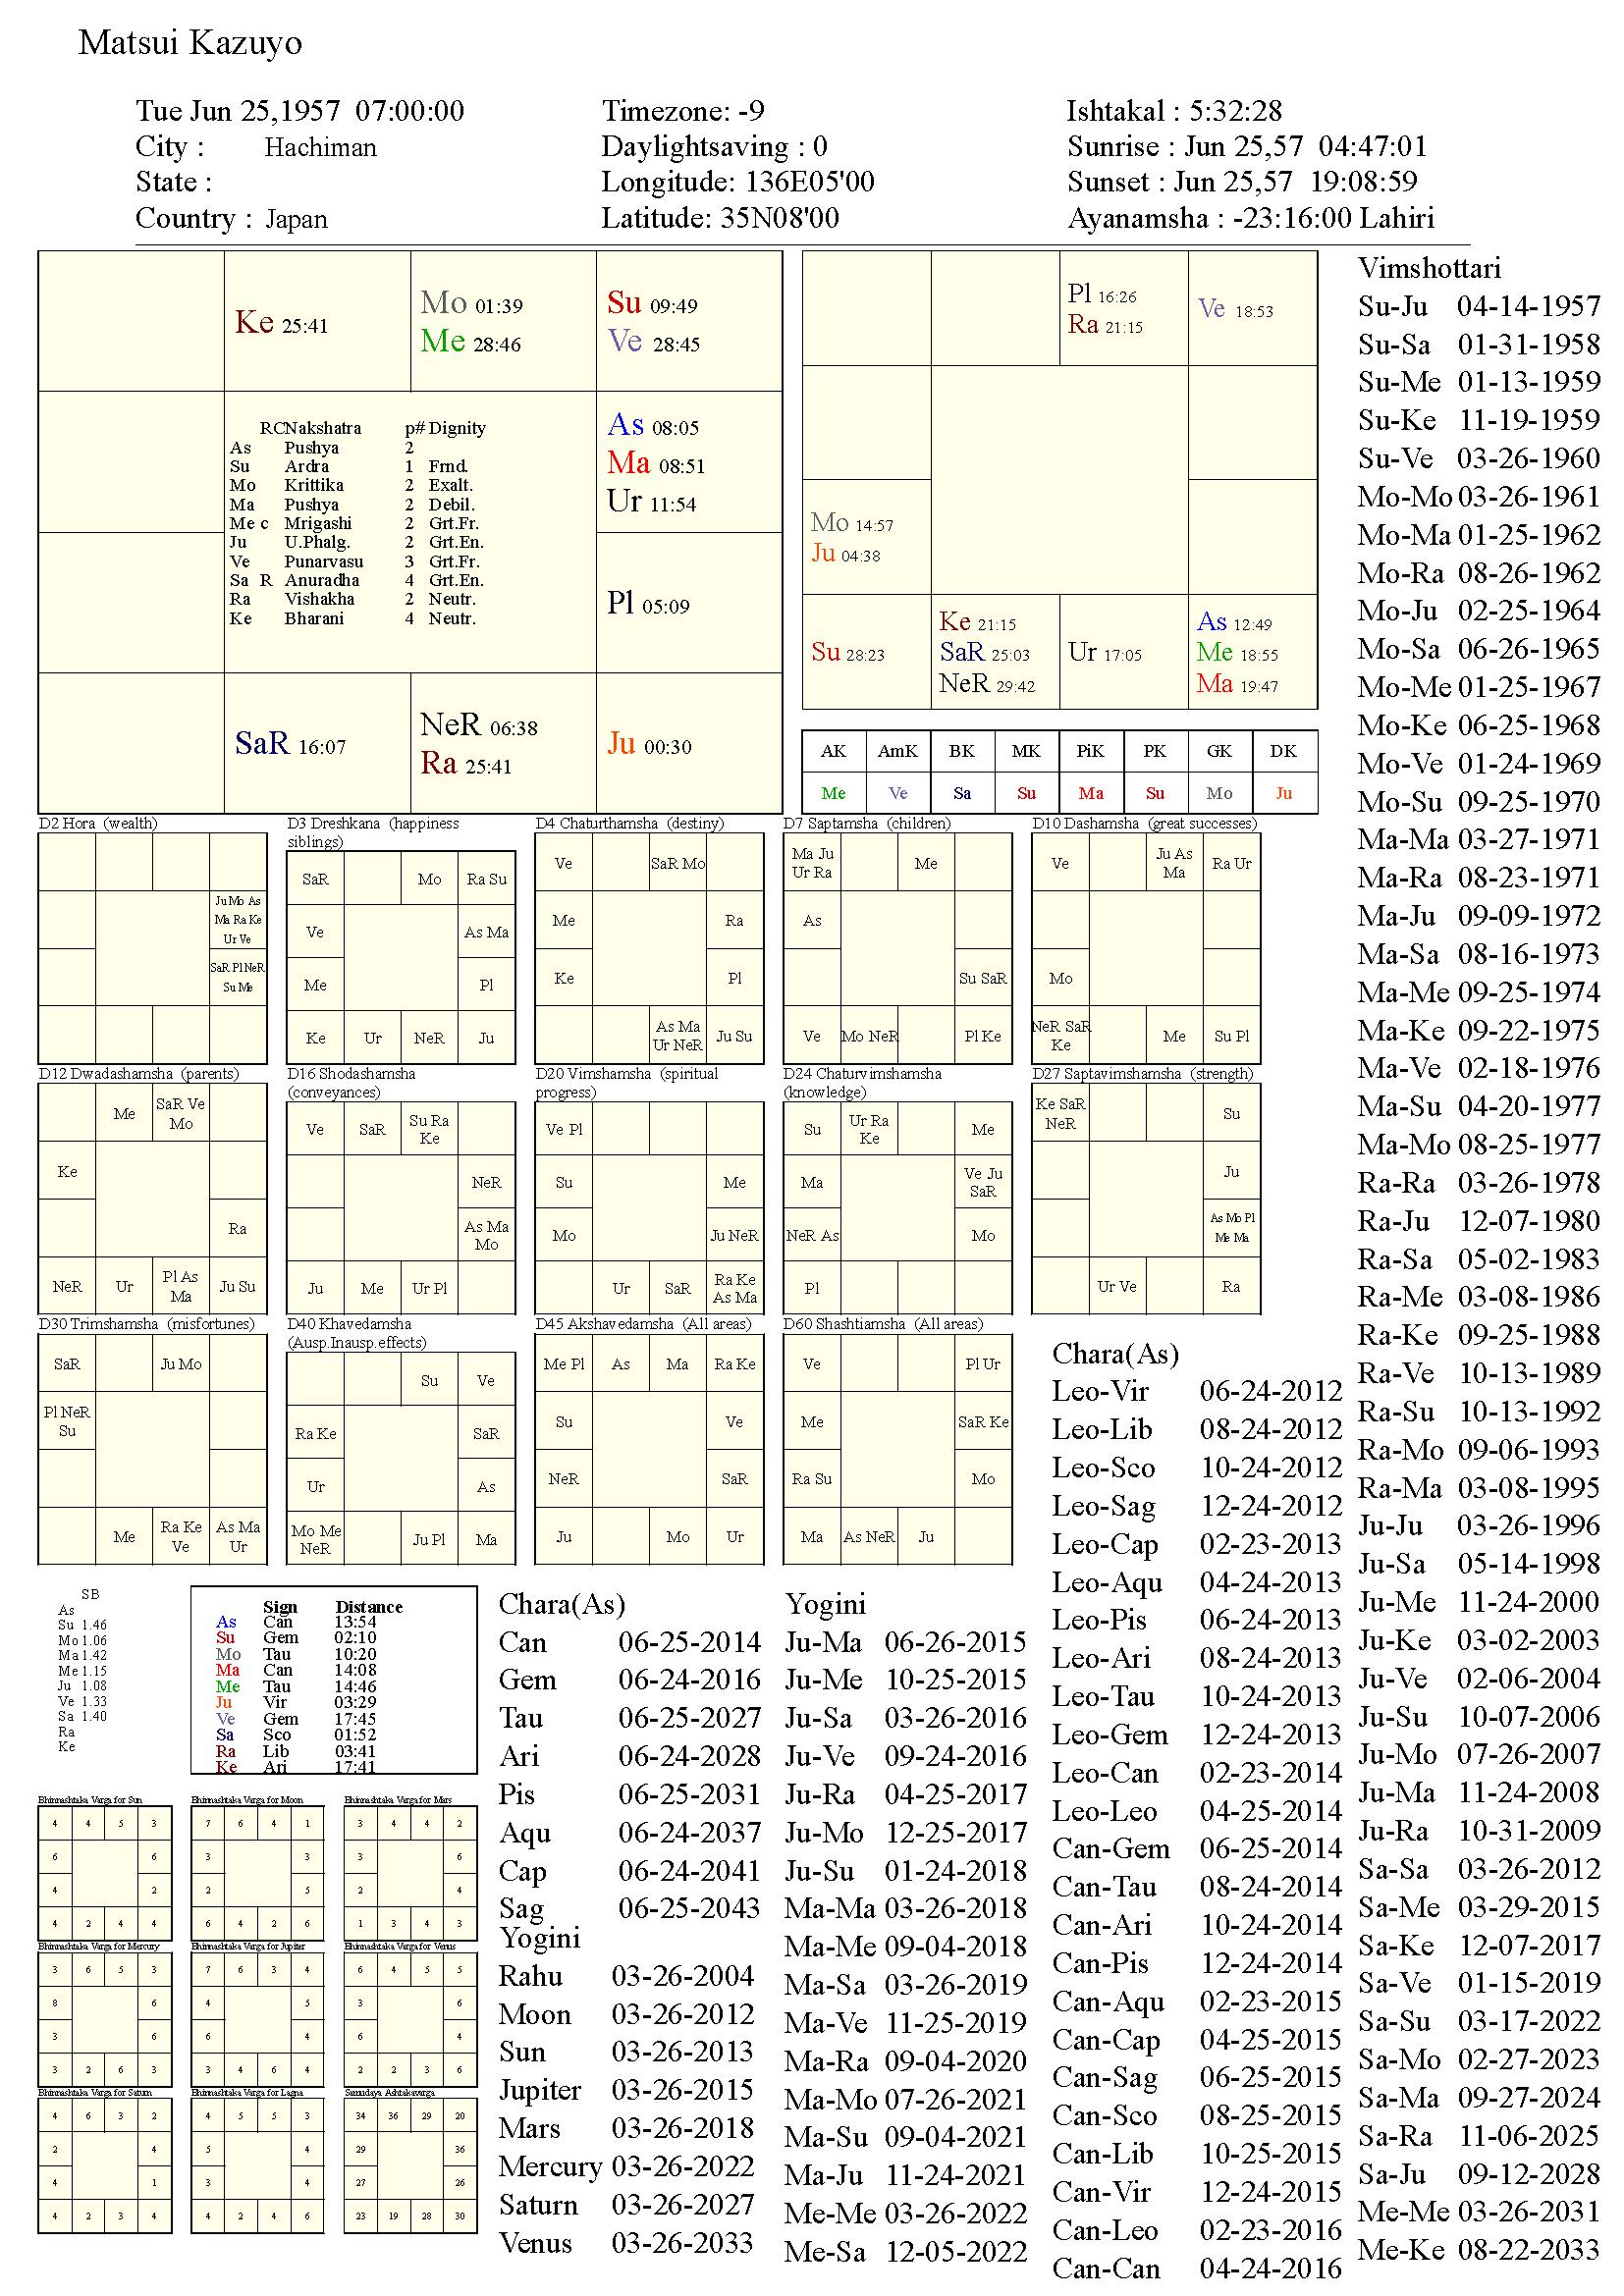 MatsuiKazuyo_chart2